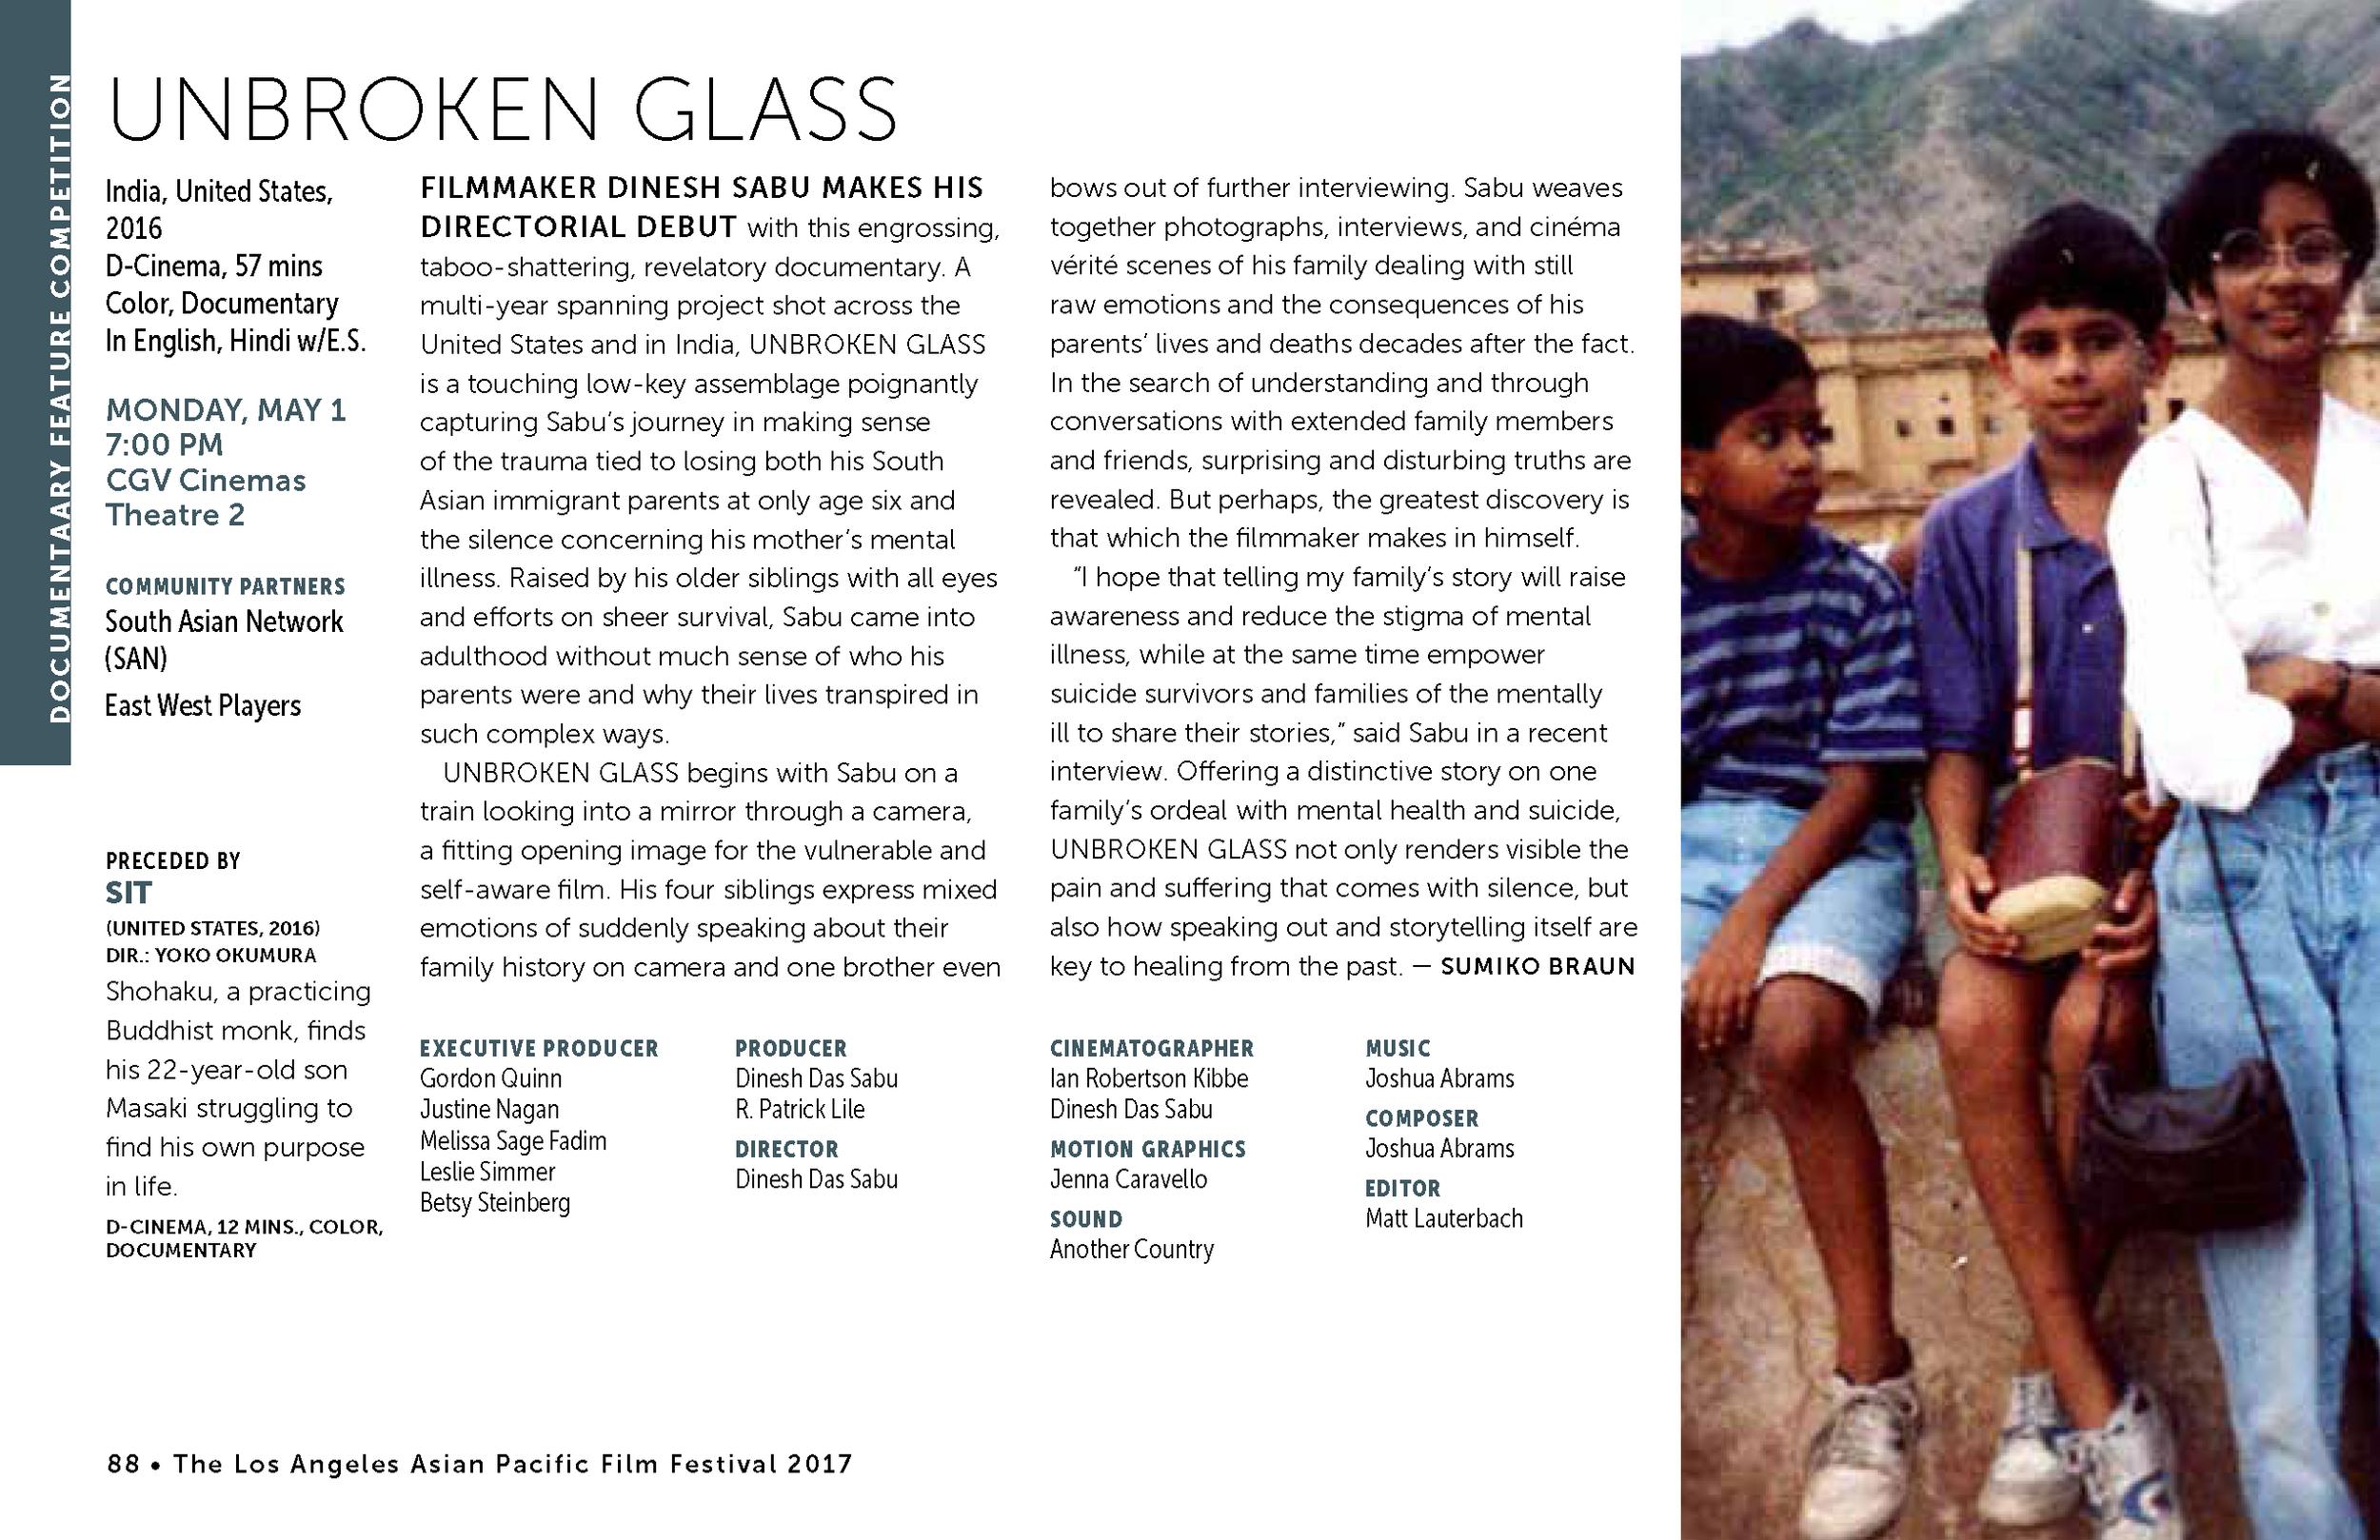 LAAPFF 2017 Program Notes: UNBROKEN GLASS